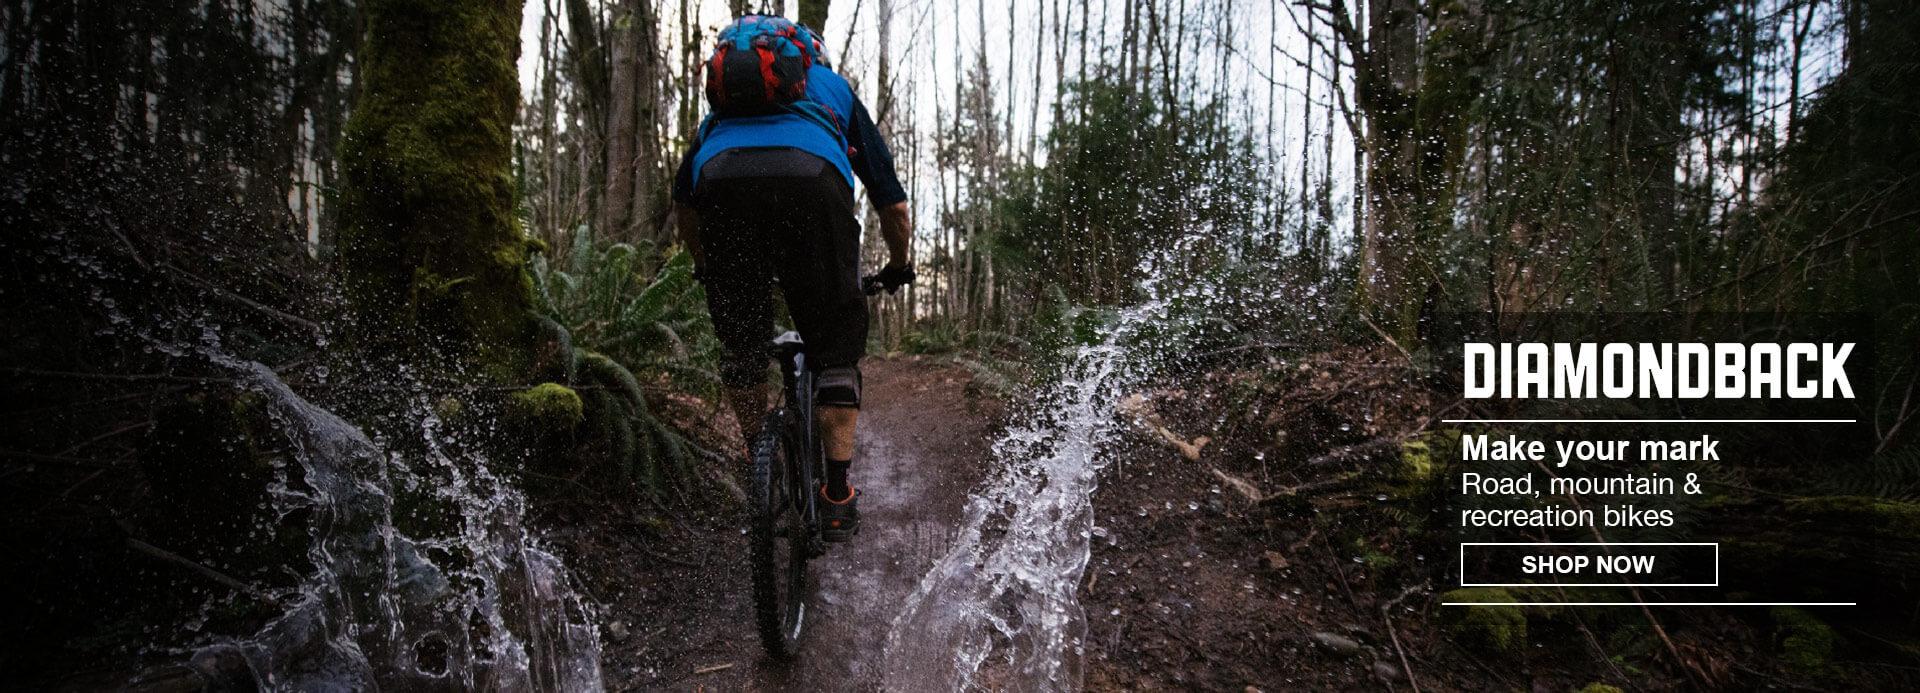 Diamondback bikes in Outdoor Recreation on Amazon